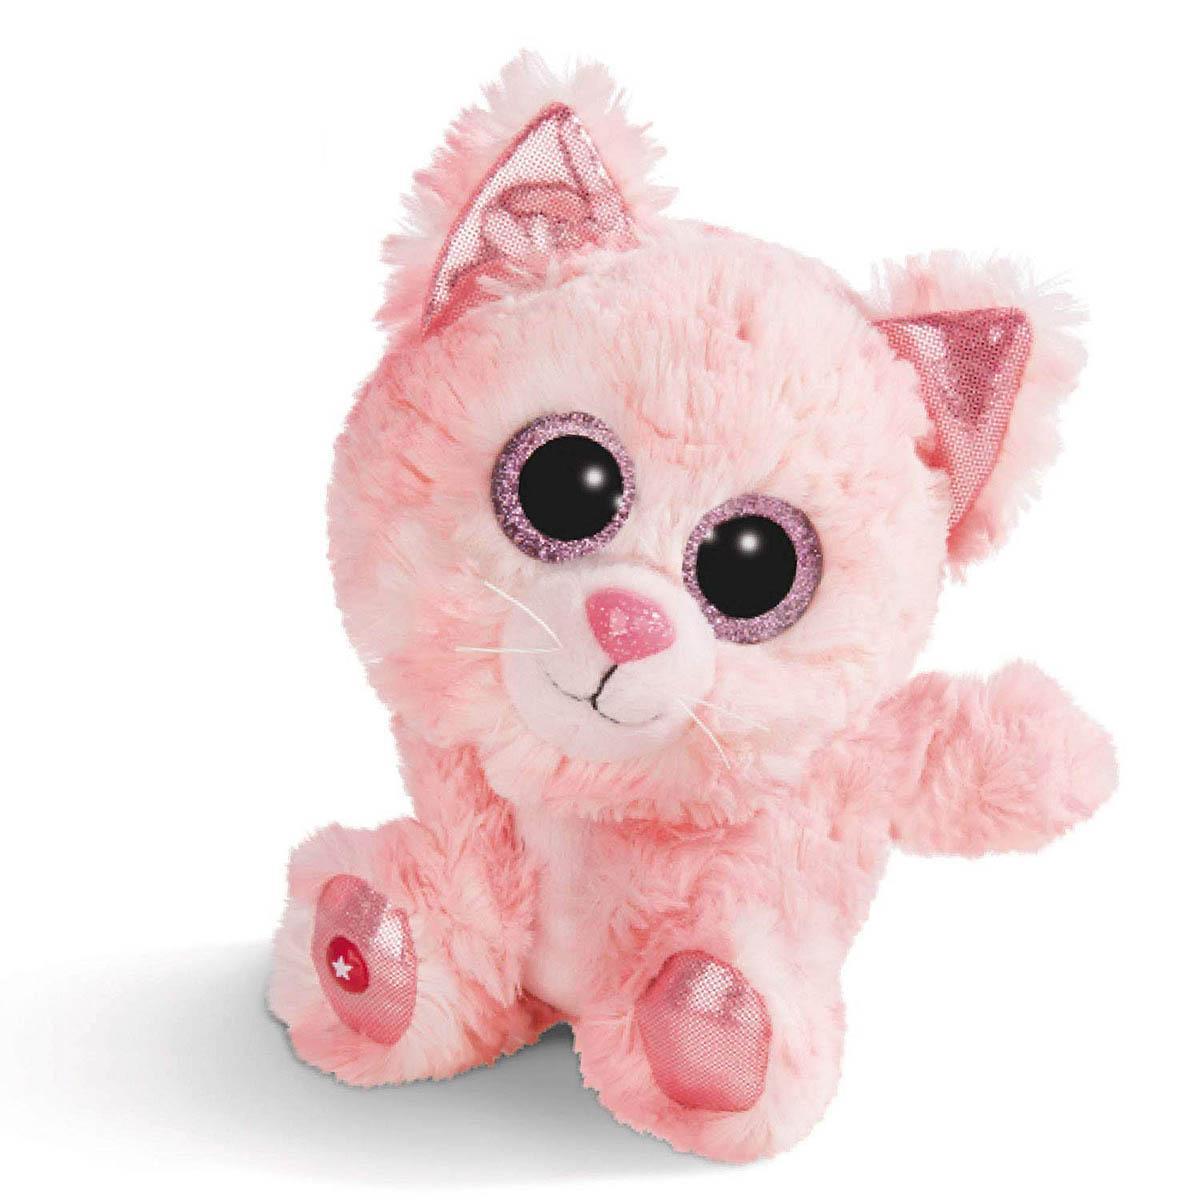 Plišana igračka GLUBSCHIS Cat Dreamie (15 cm)